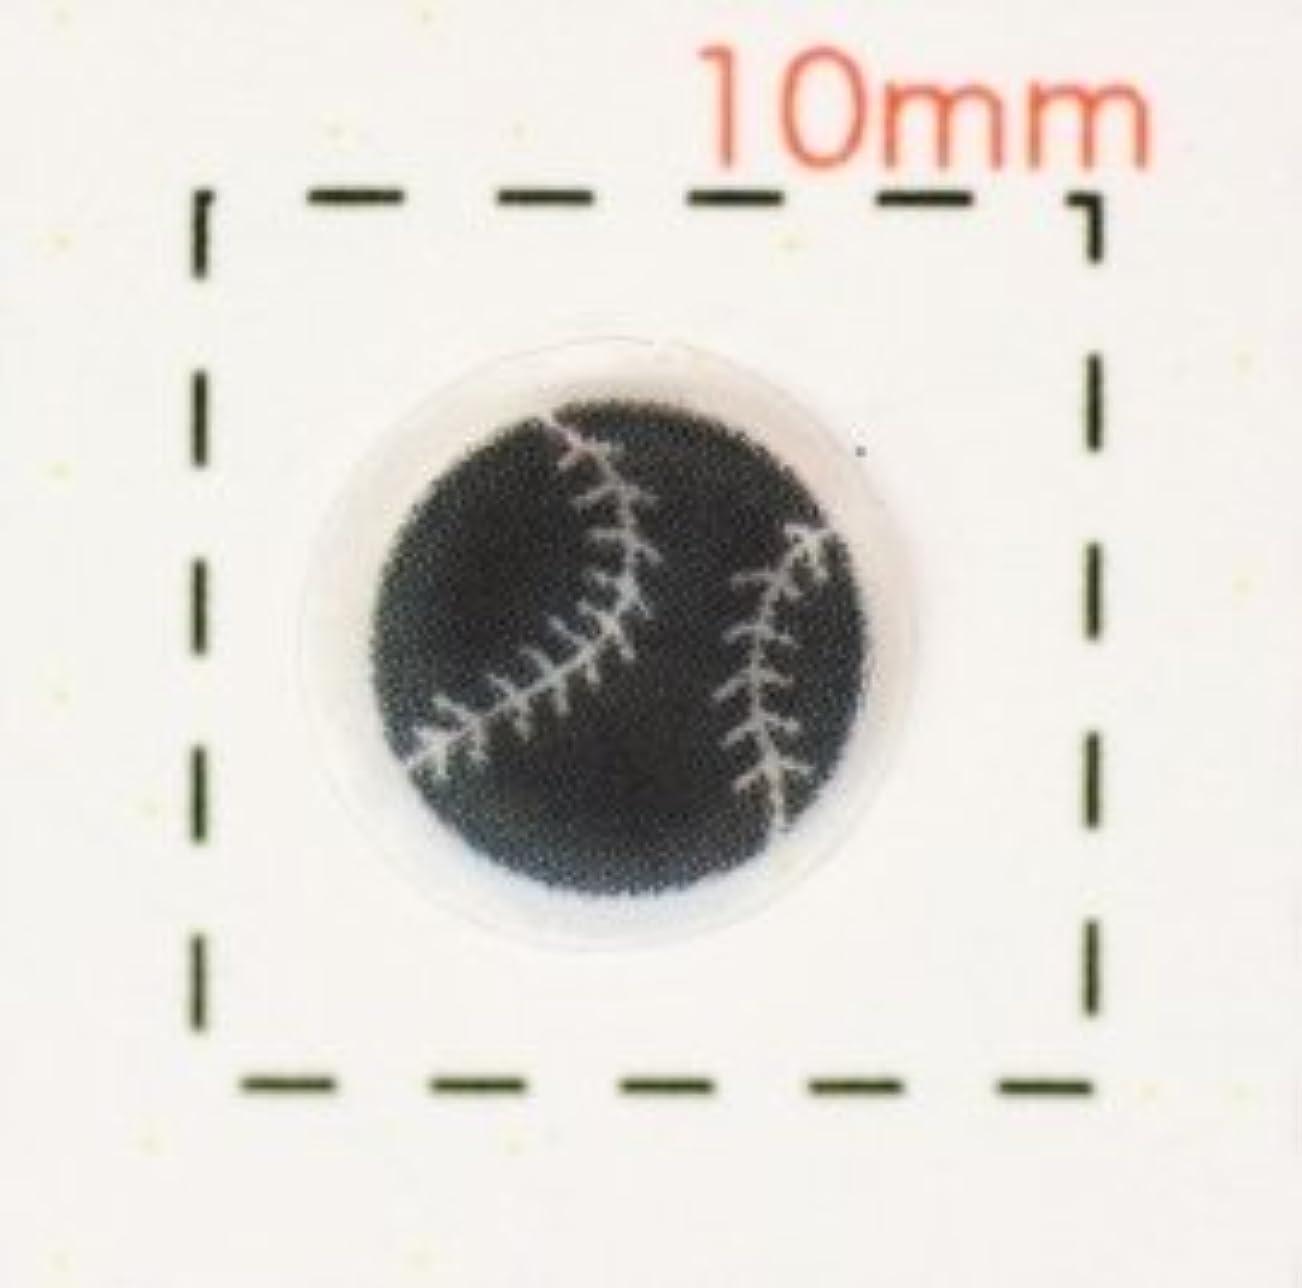 におい住所書く野球(1)ボール/1シート16枚(サムライジャパン?ワールドベースボールクラシック?日本代表)【ネイルシール】